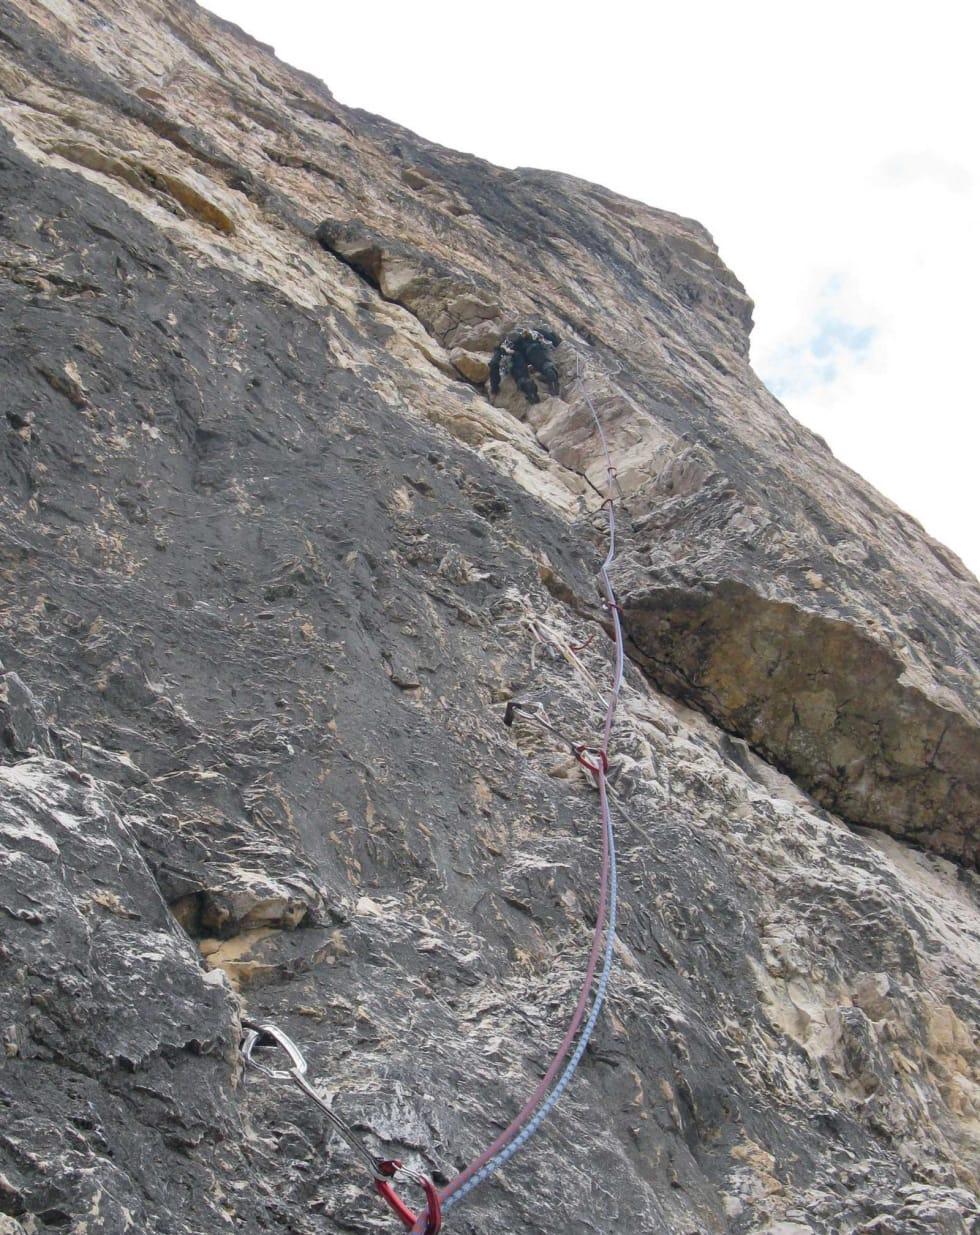 OPP: Steve Enger leder femte taulengde på Comici-Dimai (5+/A1, 550 meter), Cima Grande. Foto: Erik Finne Oppegård